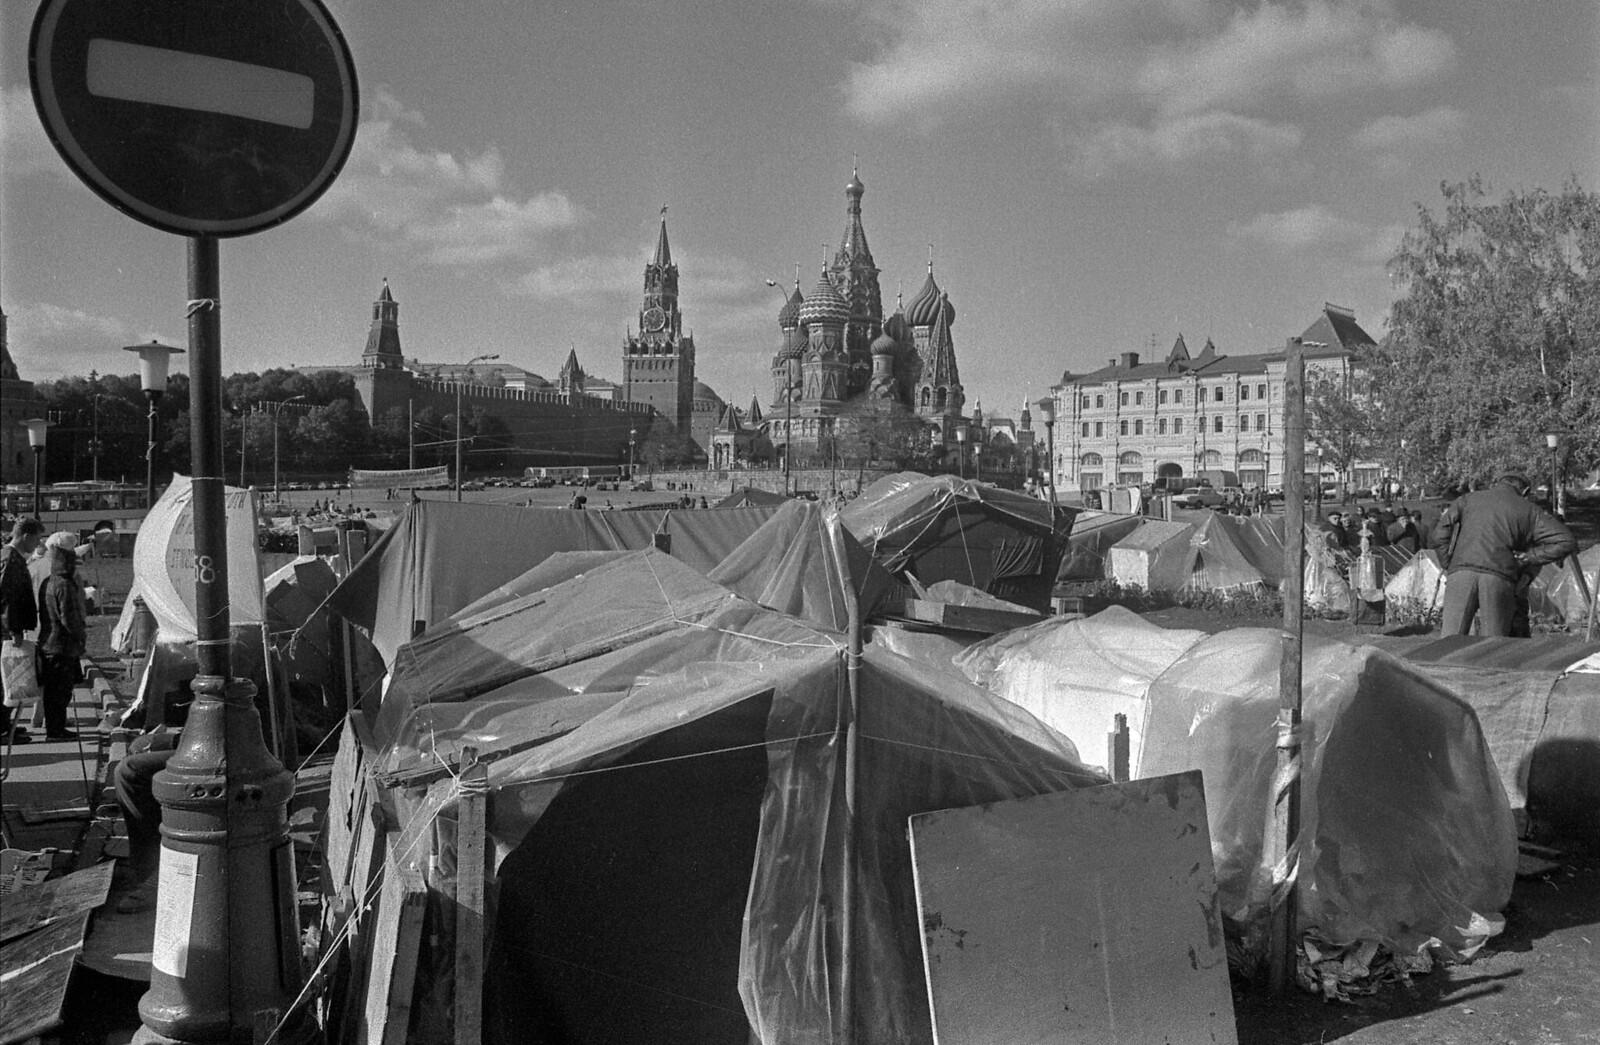 1989. Васильевский спуск, Палаточный городок (1)